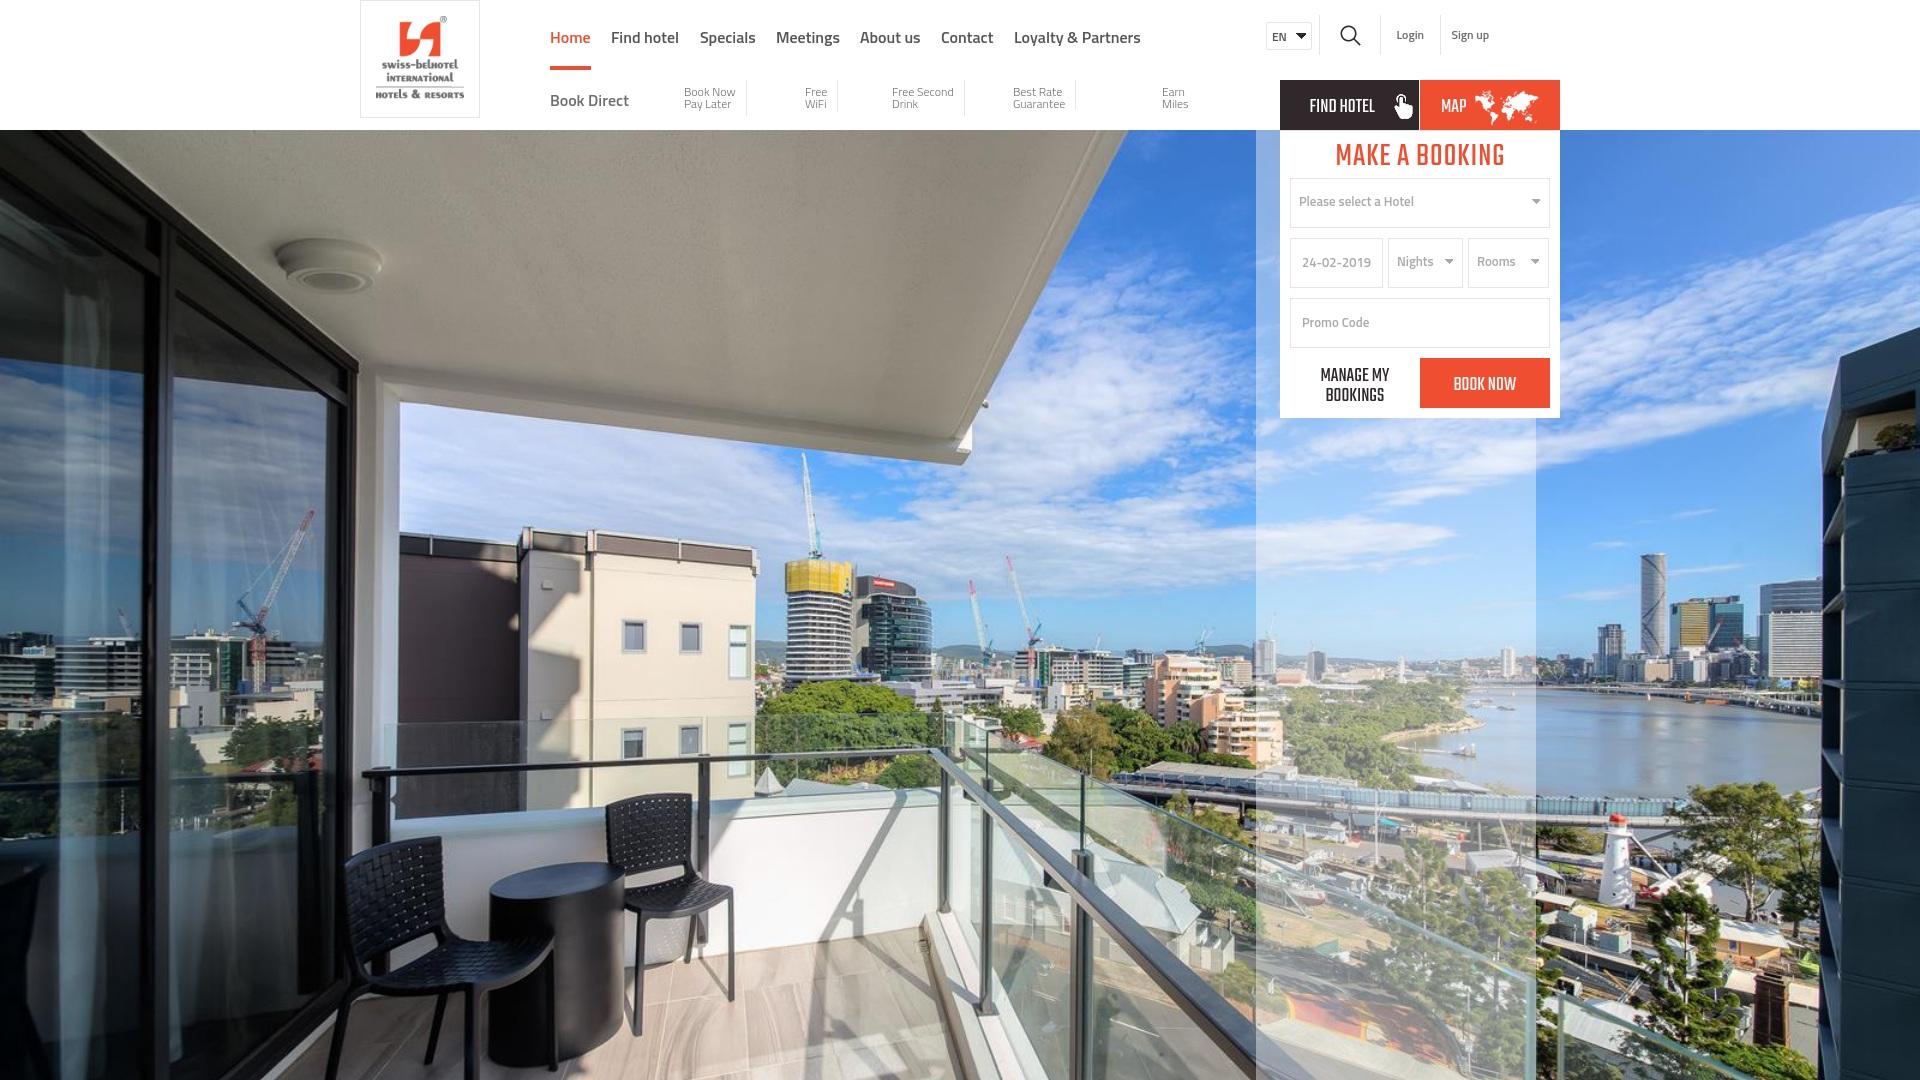 Gutschein für Swiss-belhotel: Rabatte für  Swiss-belhotel sichern